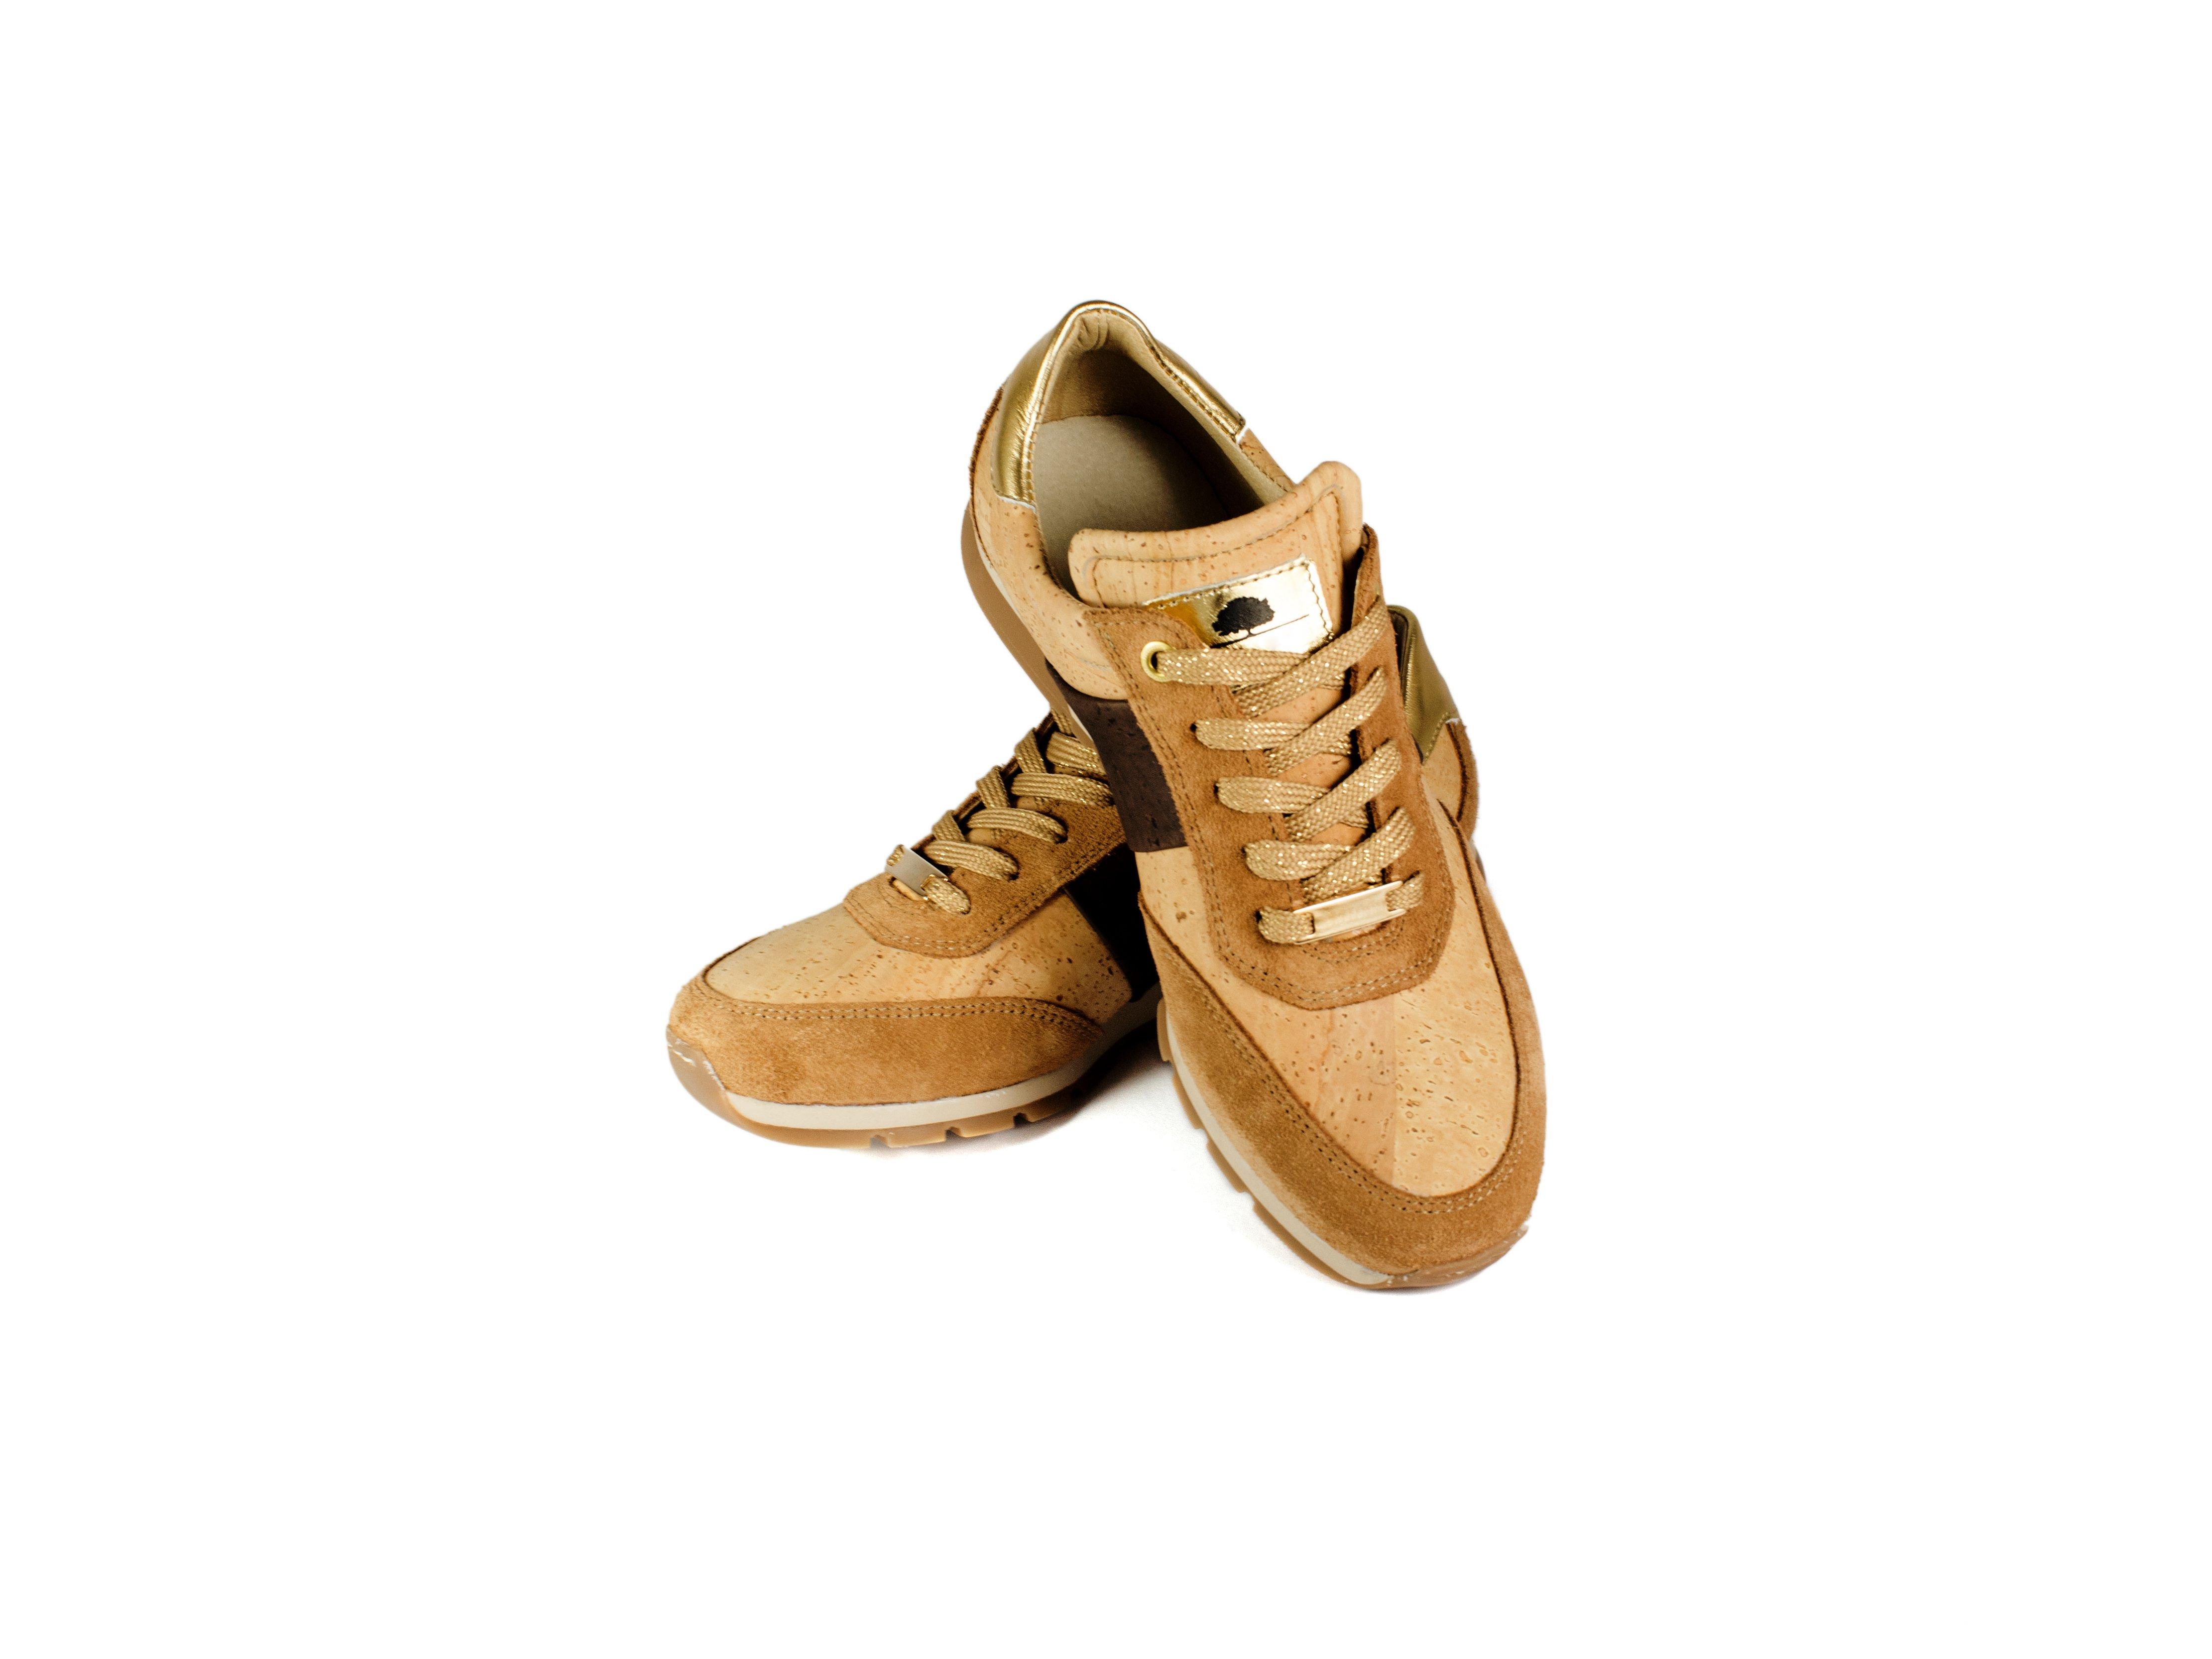 Buy cork sneakers w. Buy cork sneakers w in Spain. Buy cork sneakers w in Portugal. Buy cork sneakers w in the Canary Islands